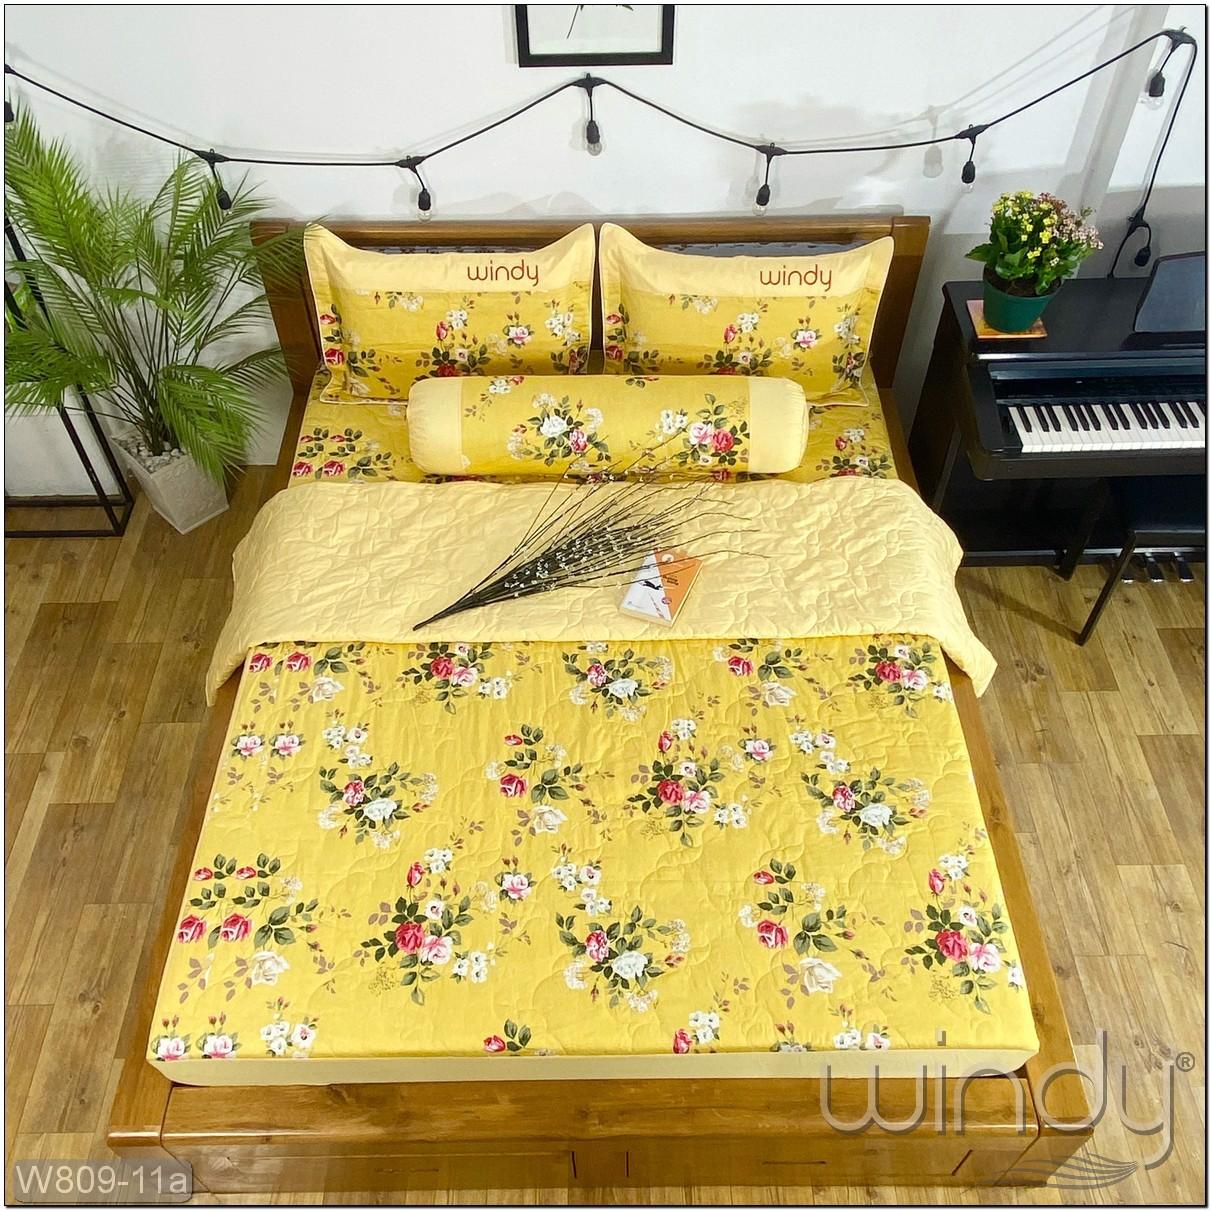 Cách trang trí phòng ngủ để hút may mắn, tài lộc cho gia chủ D3bQImlopnCU zQZI6uAHQ2otl1rVA99d6LjxbNkZeS5is O74VVTMKIQwwwTwkfNHS0ZCJDiprXxWyJs